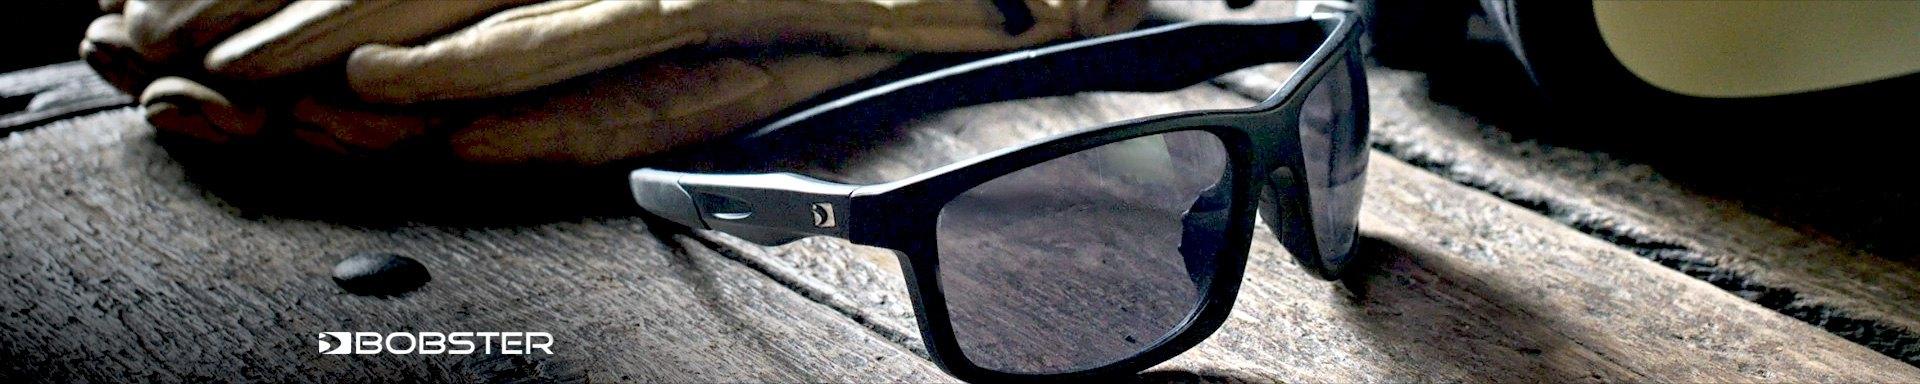 eb17e859ac1 Bobster Motorcycle Eyewear